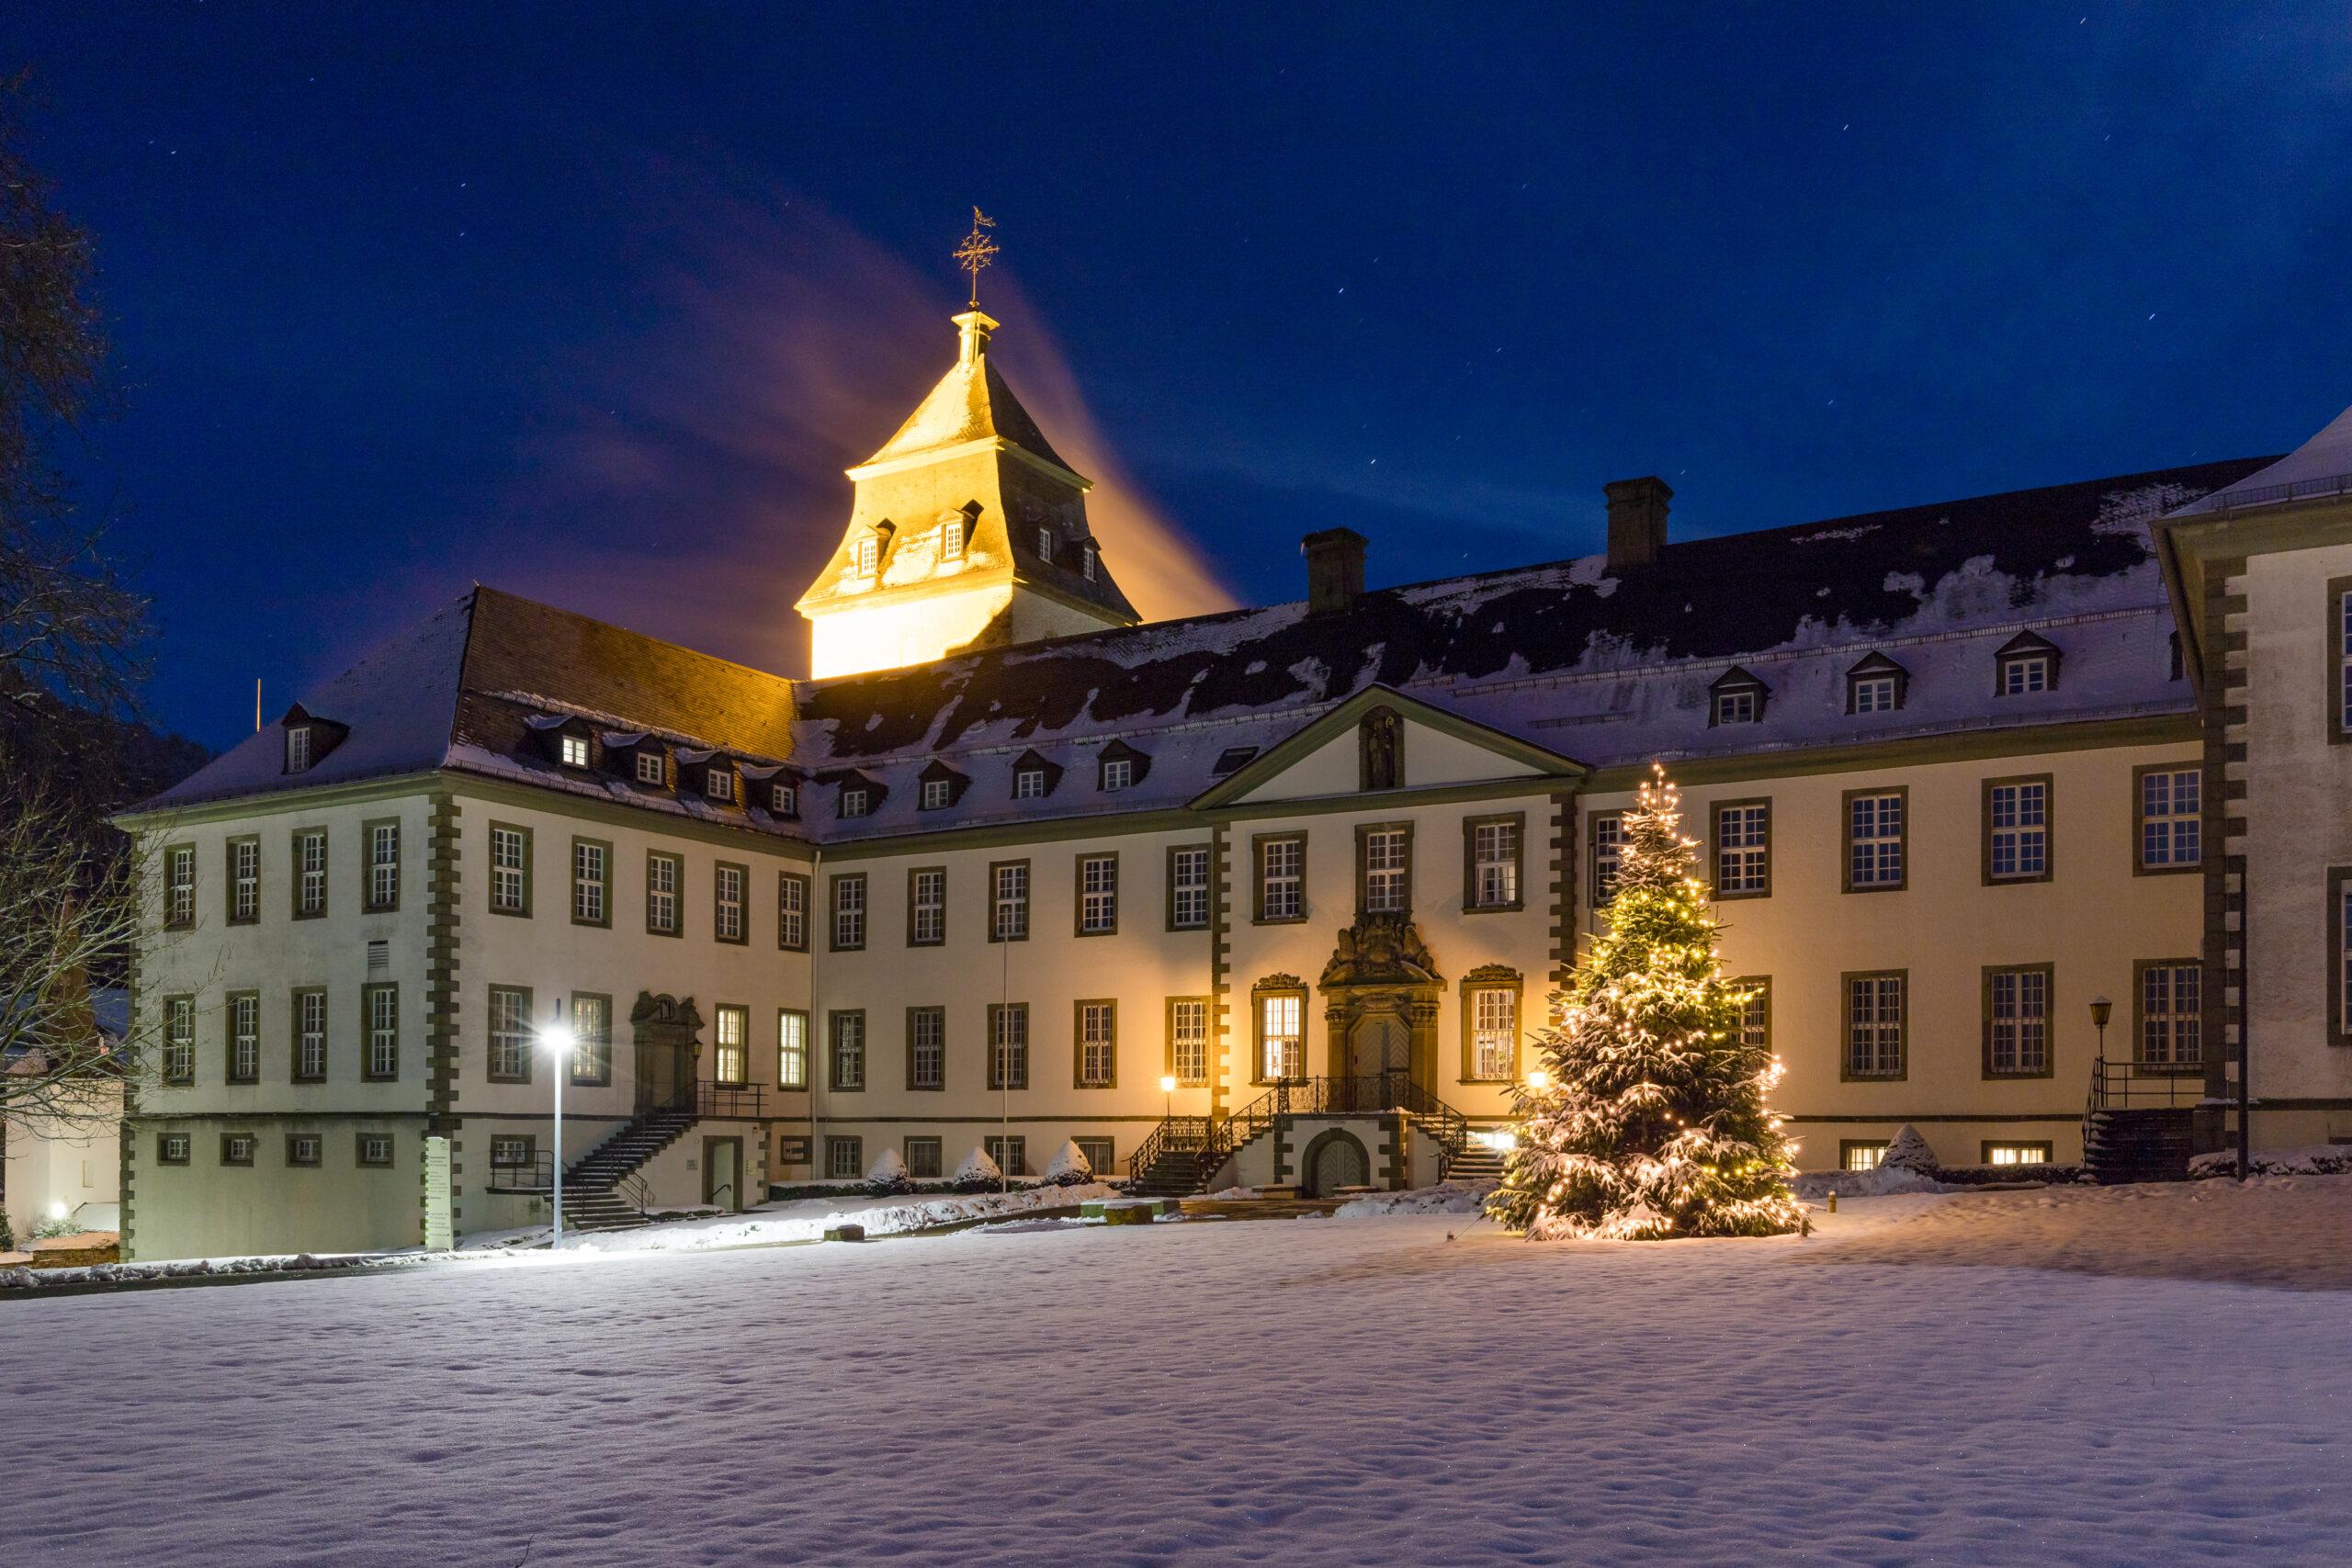 Kloster Grafschaft